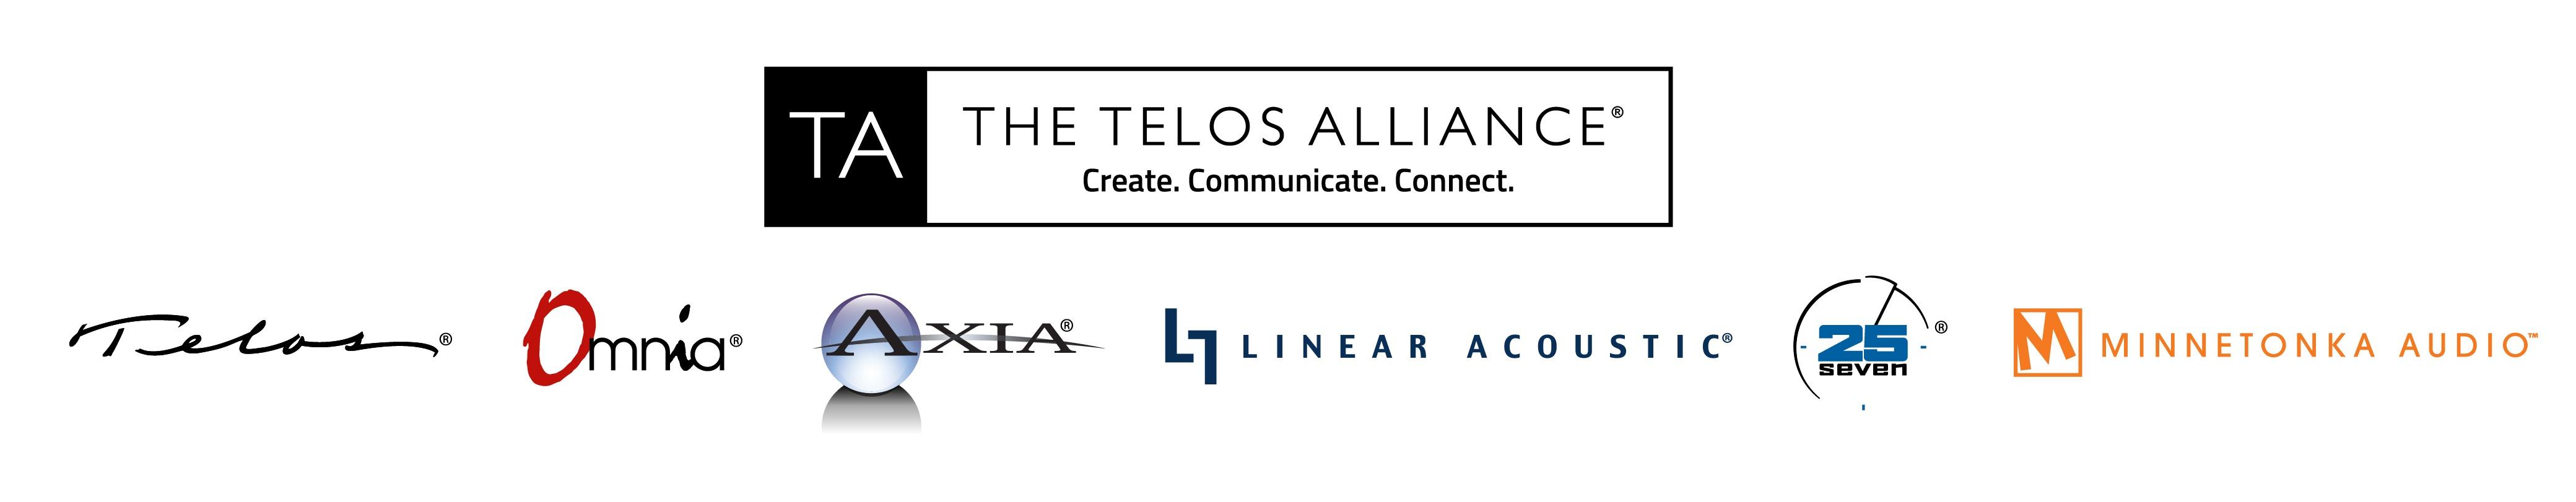 The Telos Alliance.jpg